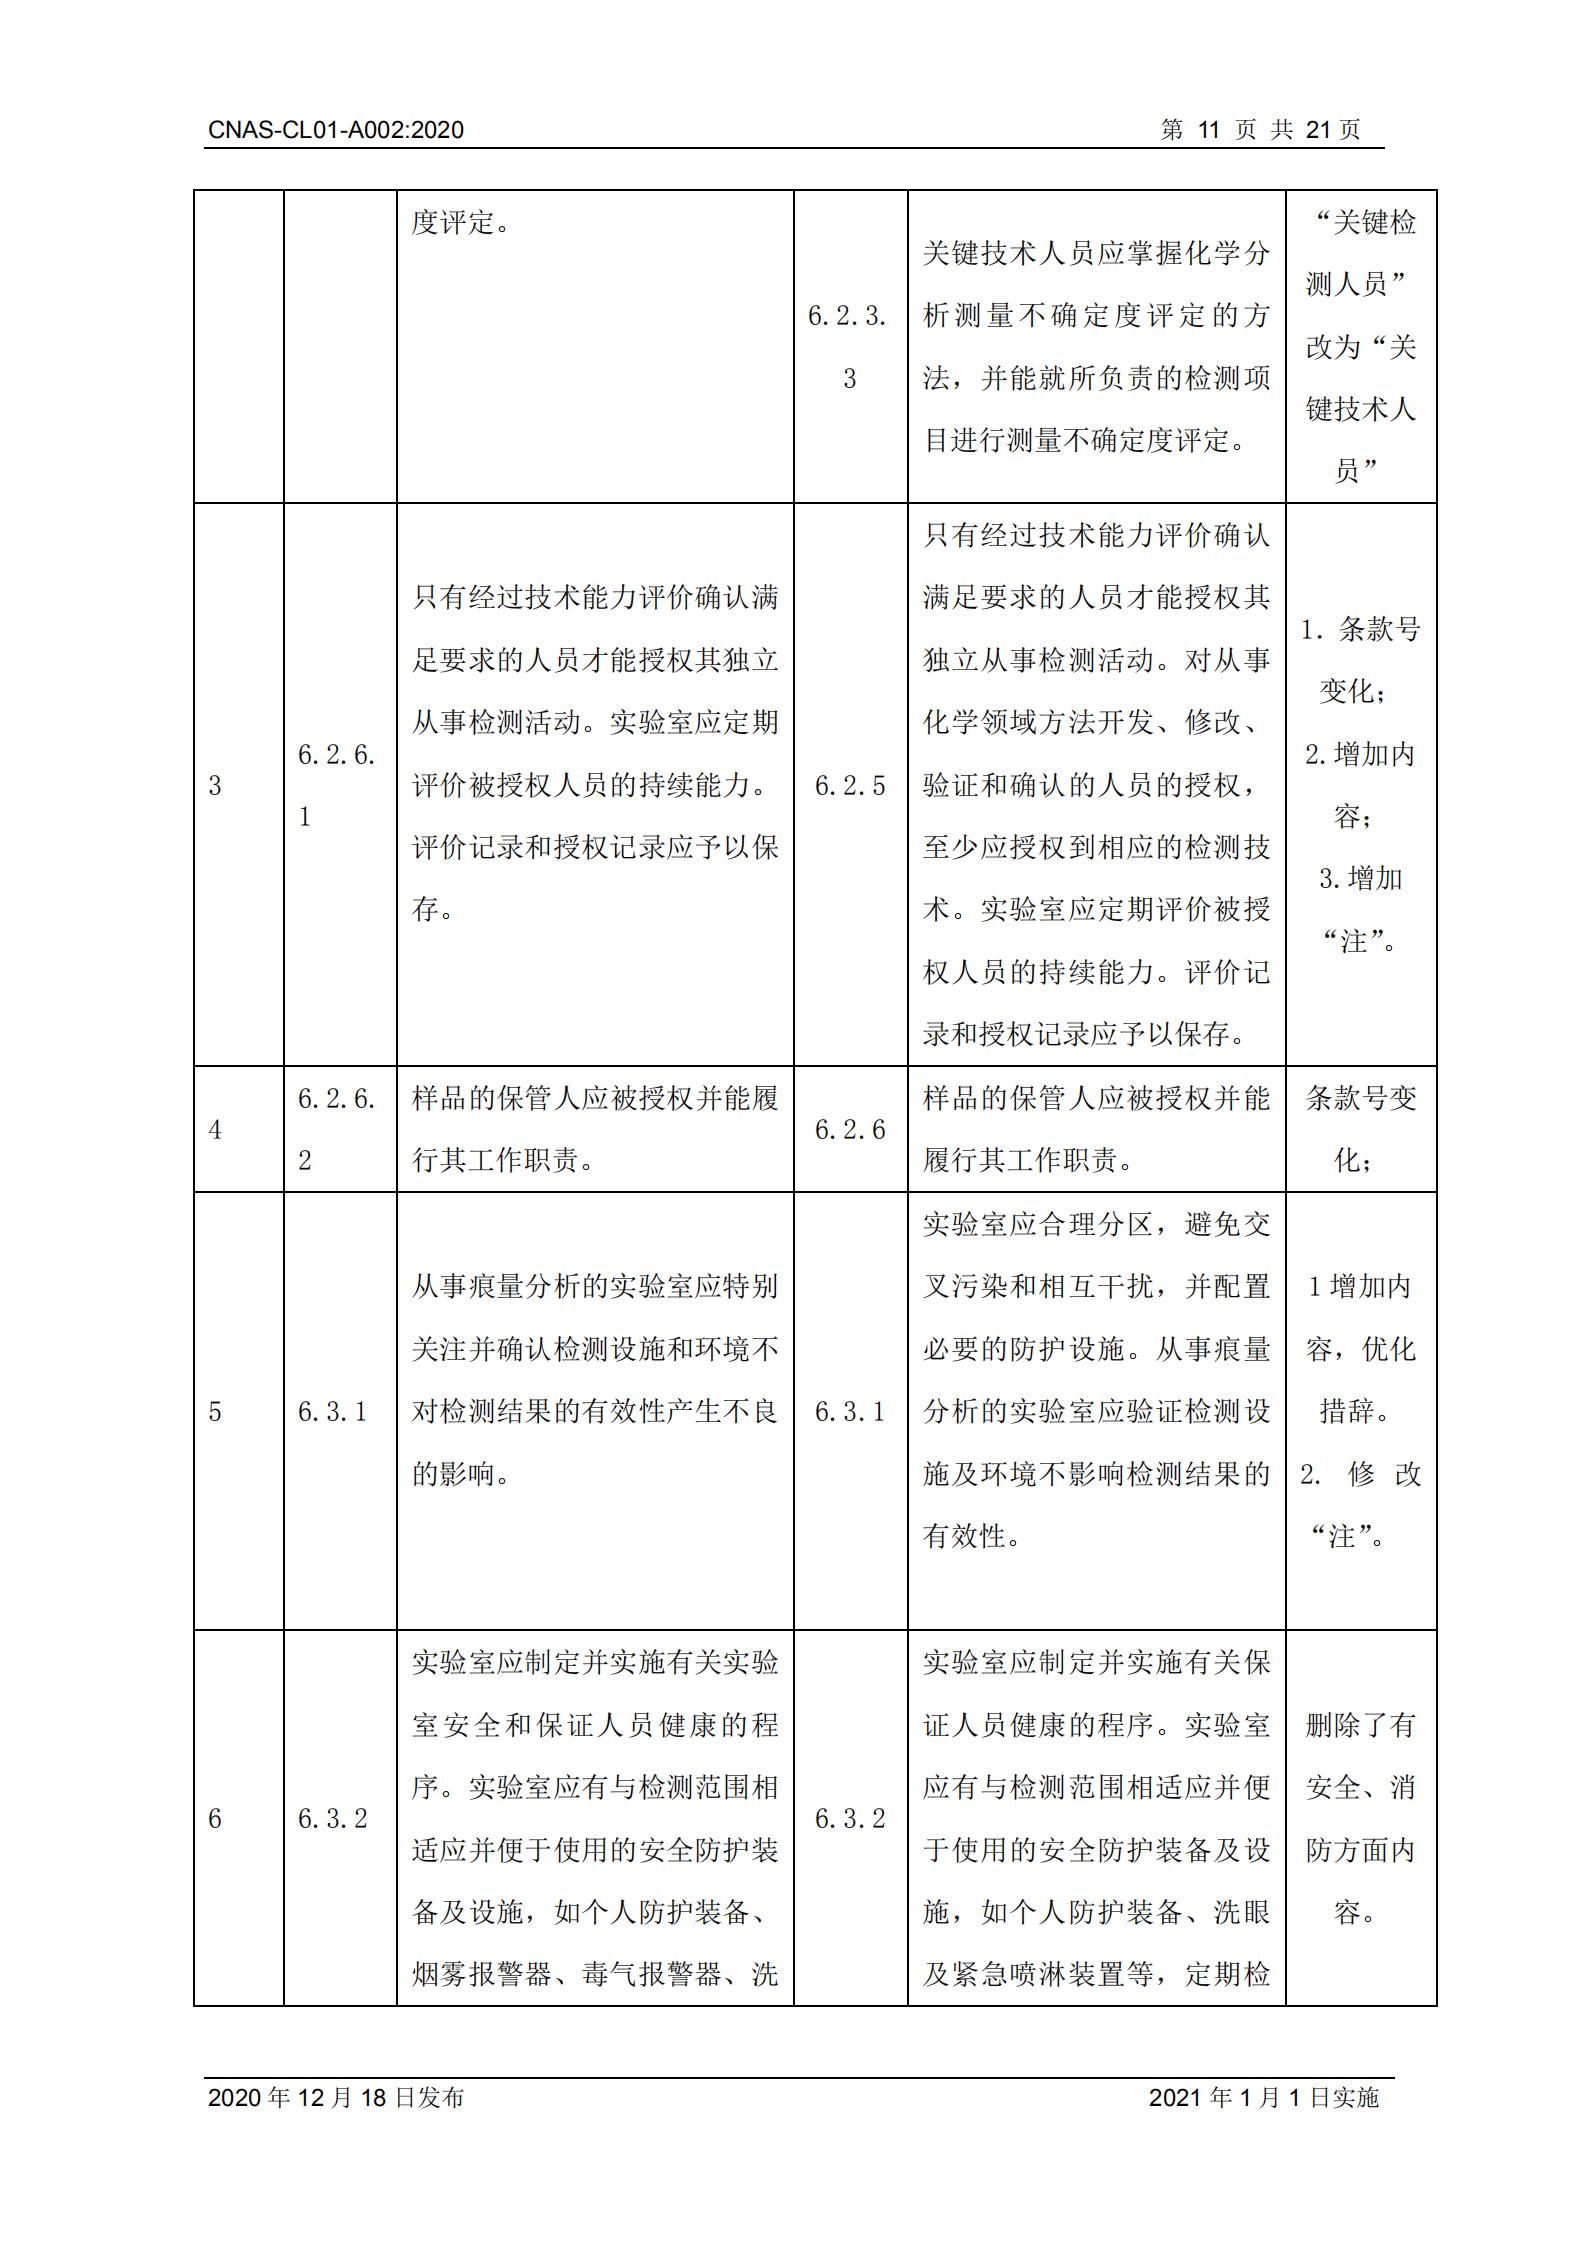 CNAS-CL01-A002_2020_11.png